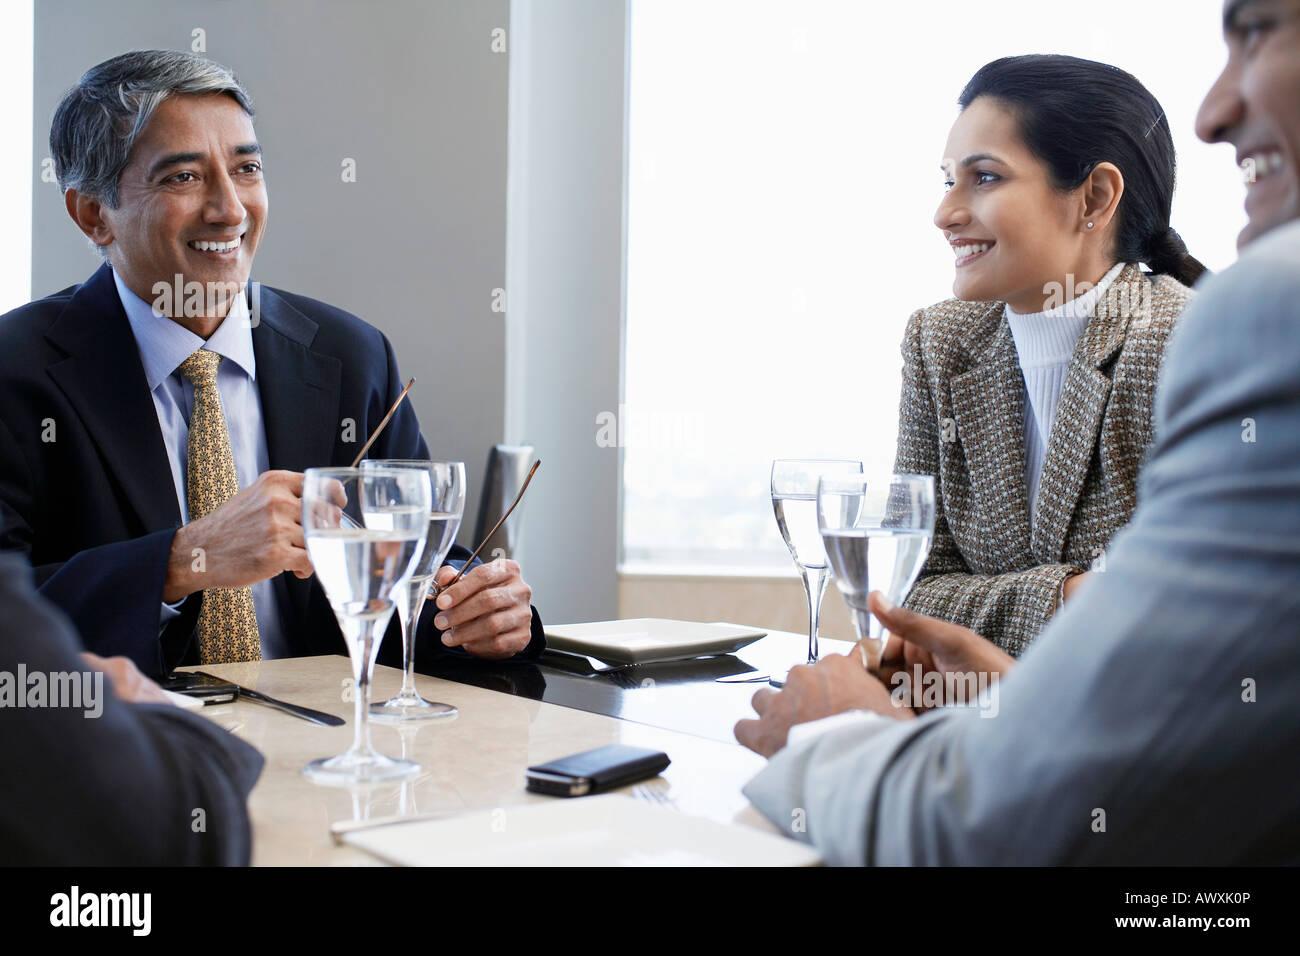 Asociados de negocios sonriendo tener reuniones de negocios Imagen De Stock